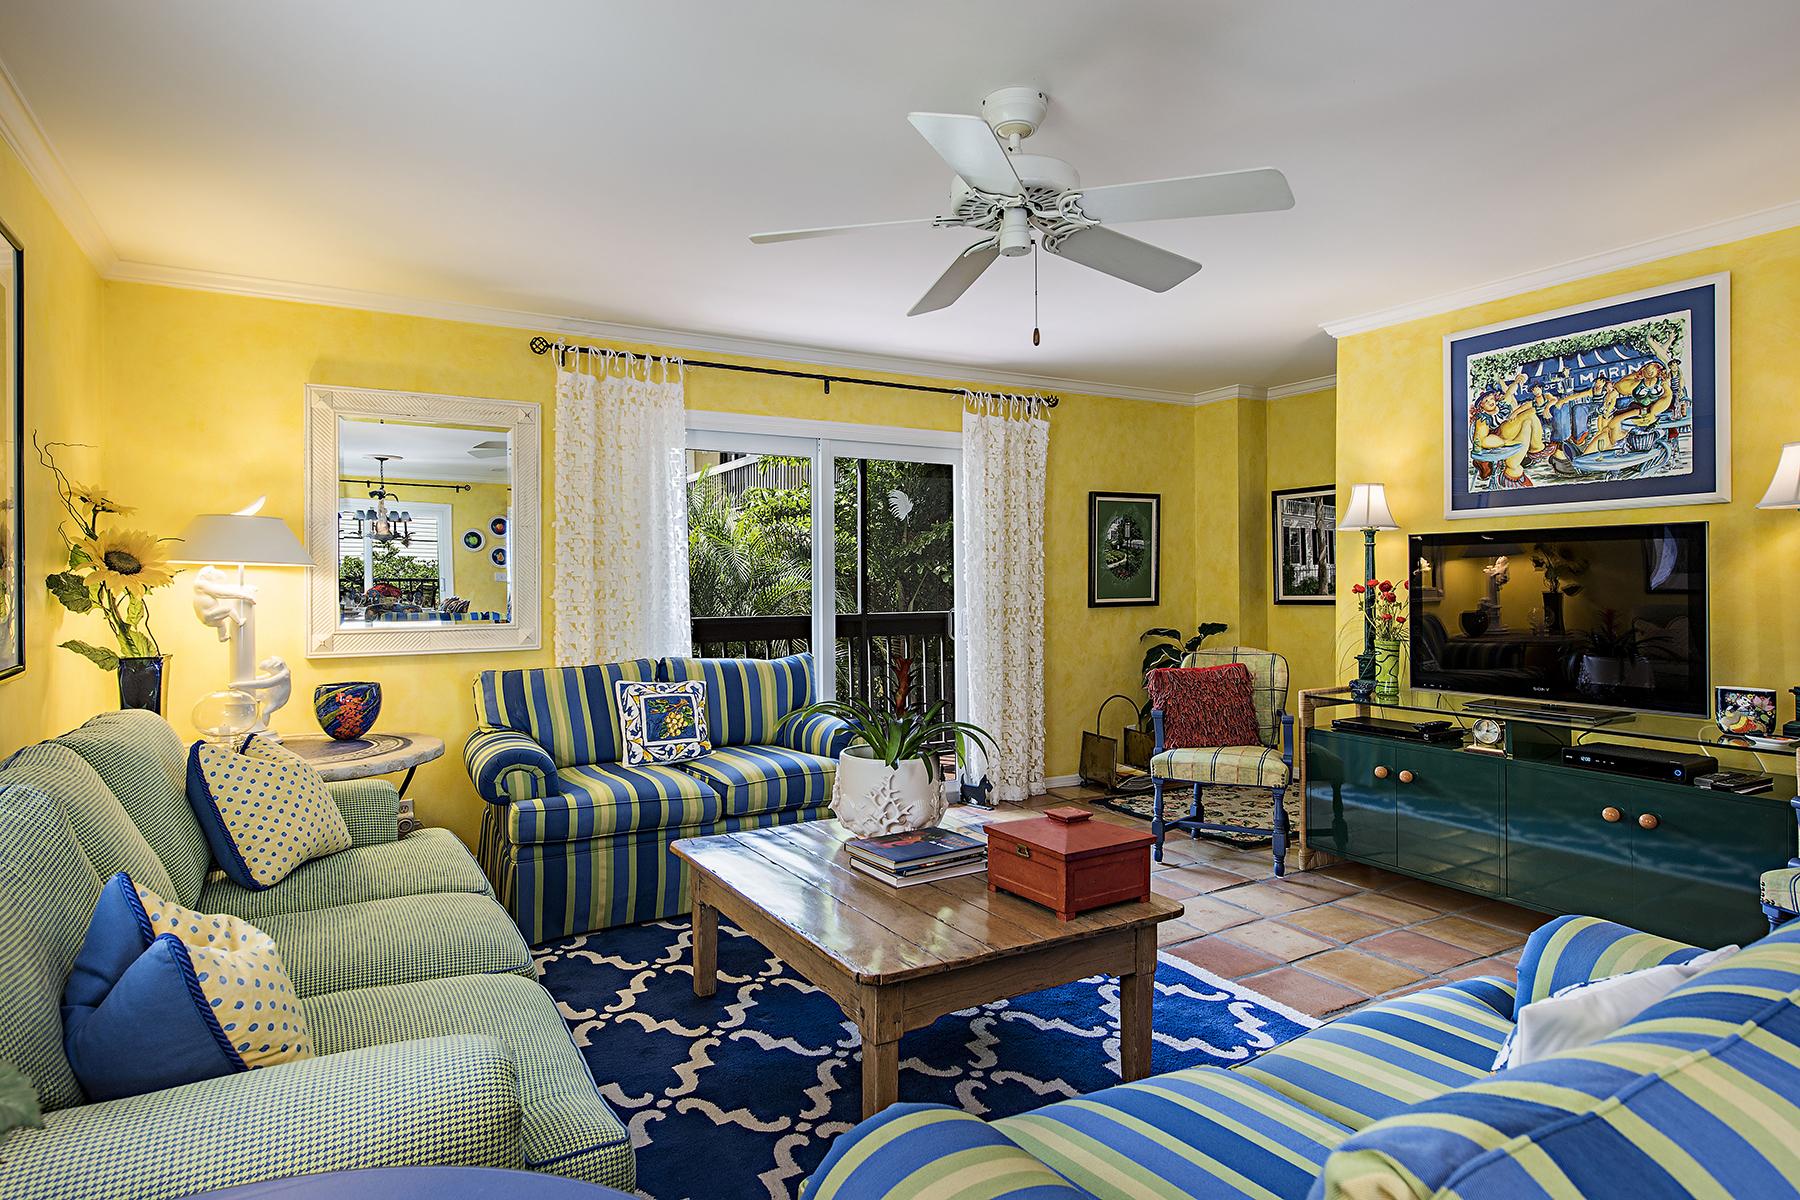 联栋屋 为 销售 在 OLD NAPLES - NAPLES MARINA VILLAS 995 9th Ave S 6 那不勒斯, 佛罗里达州, 34102 美国